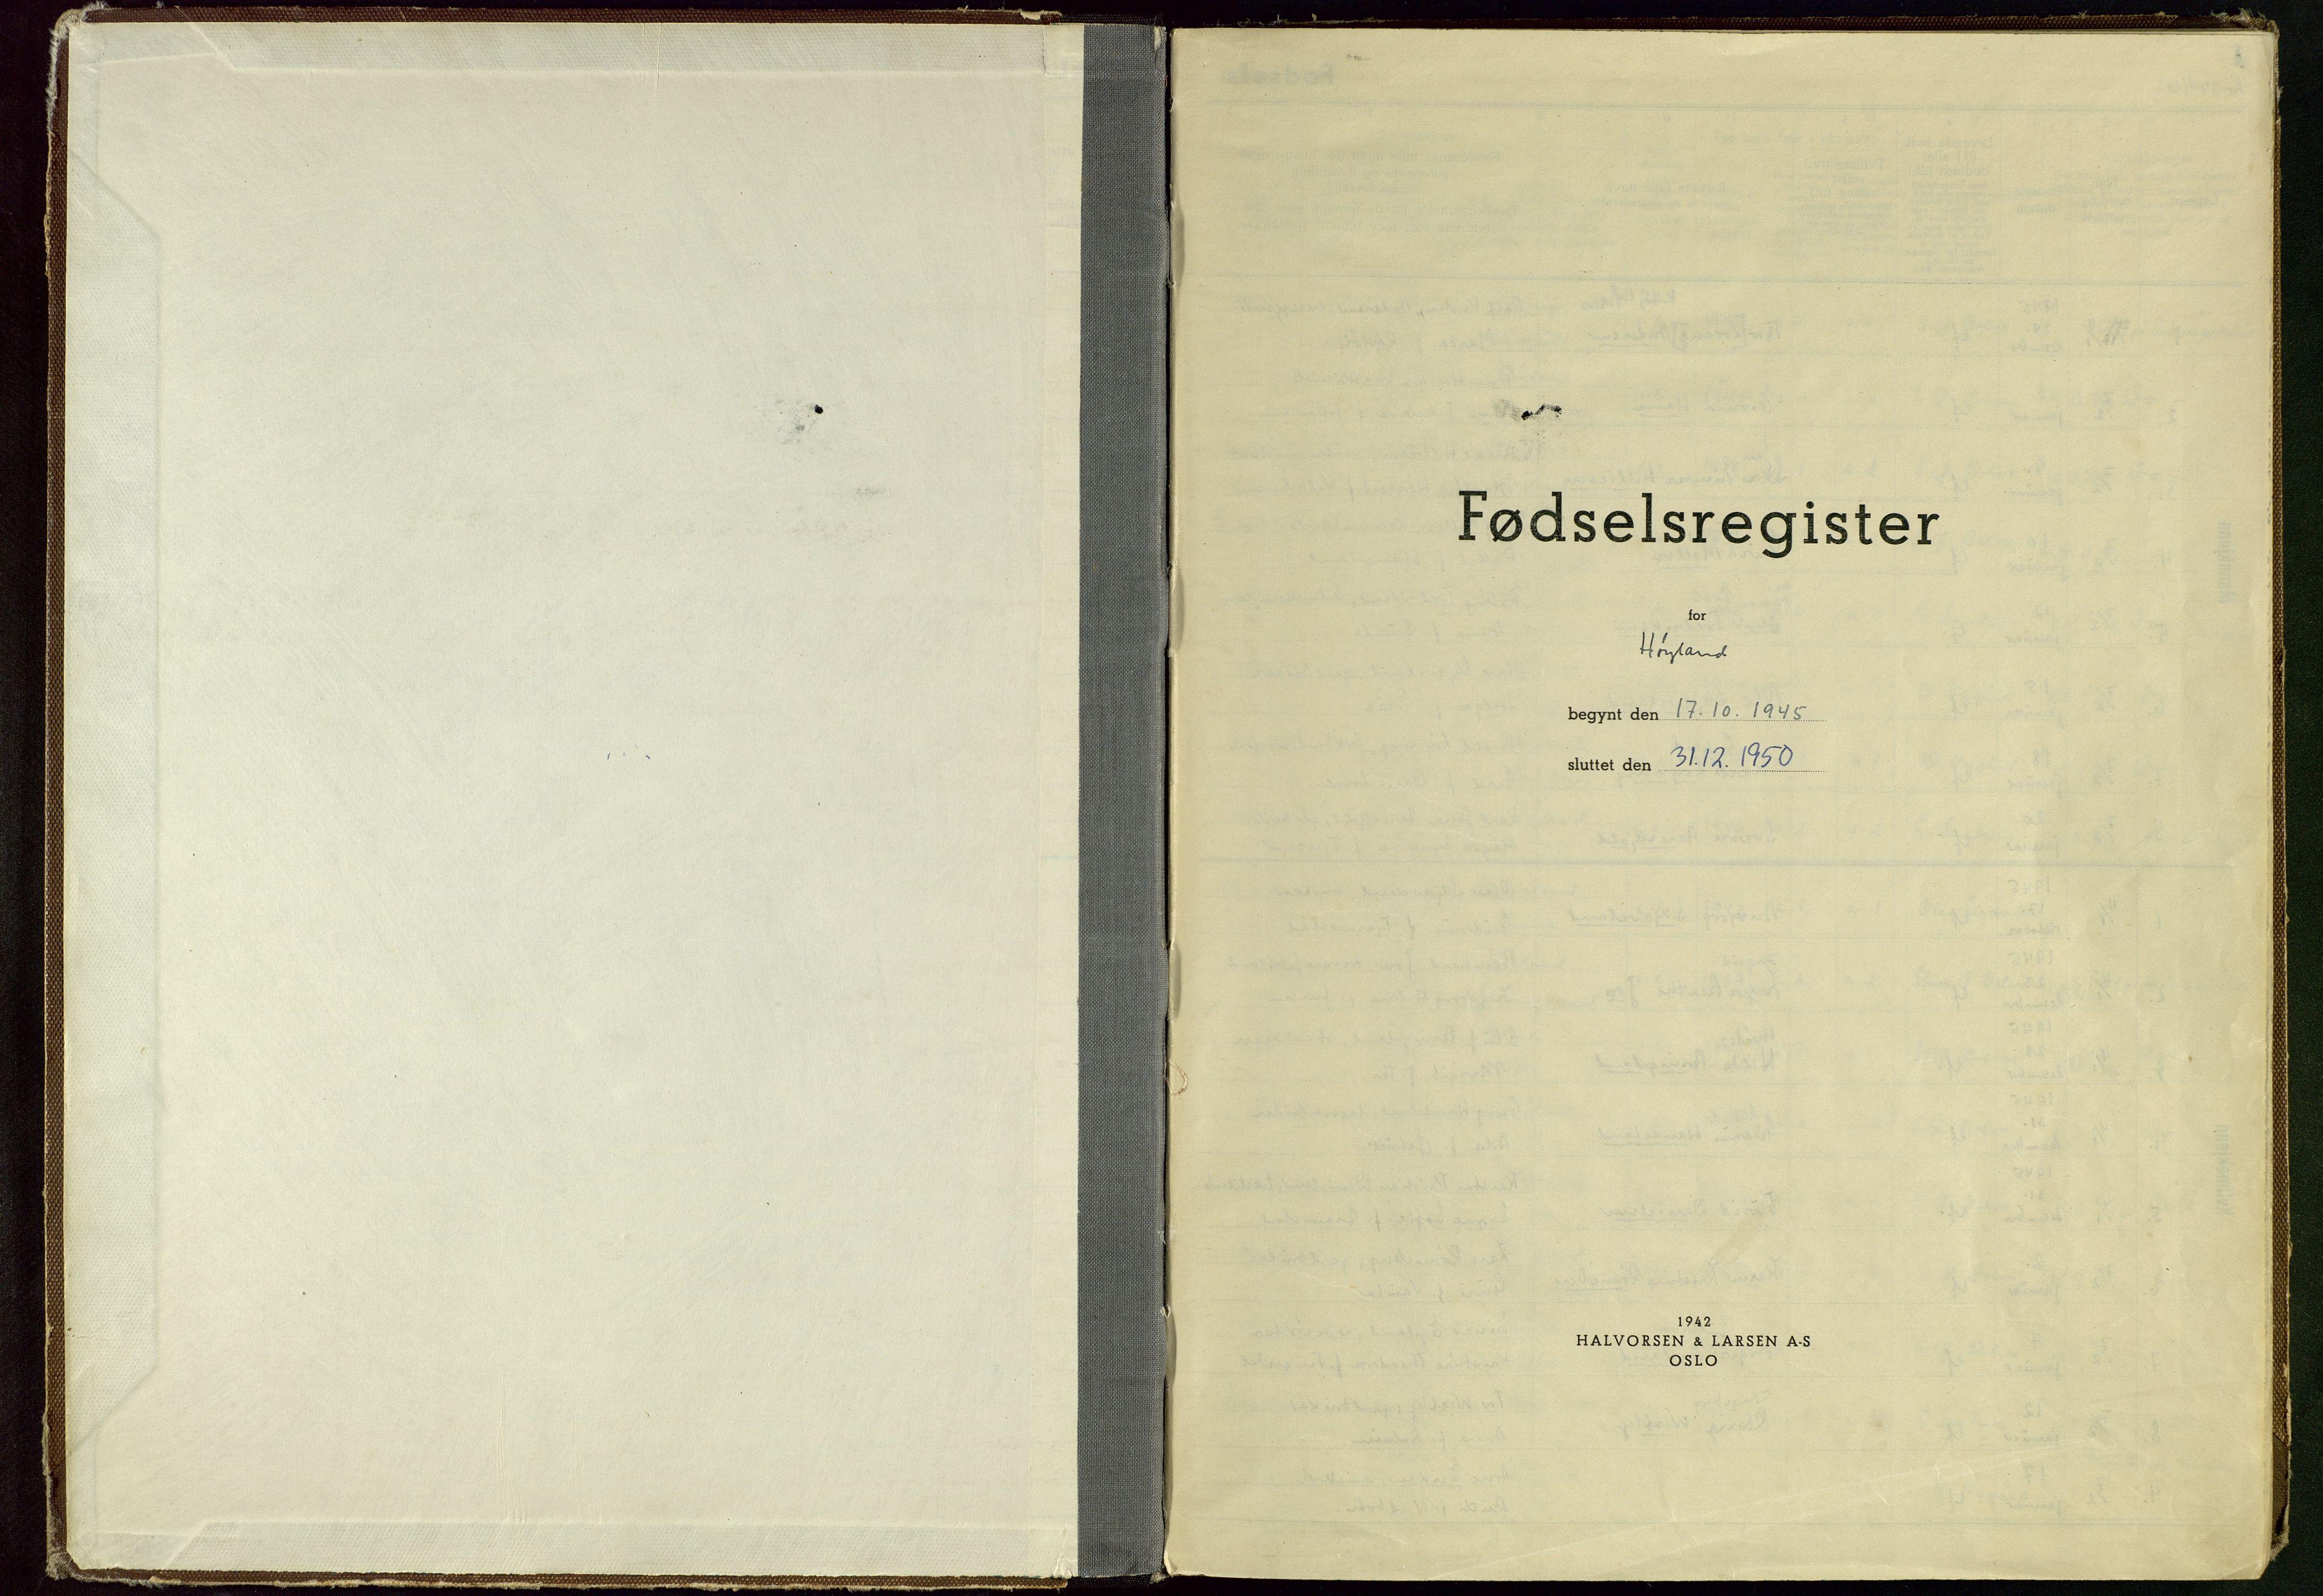 SAST, Høyland sokneprestkontor, O/L0005: Fødselsregister nr. 5, 1945-1950